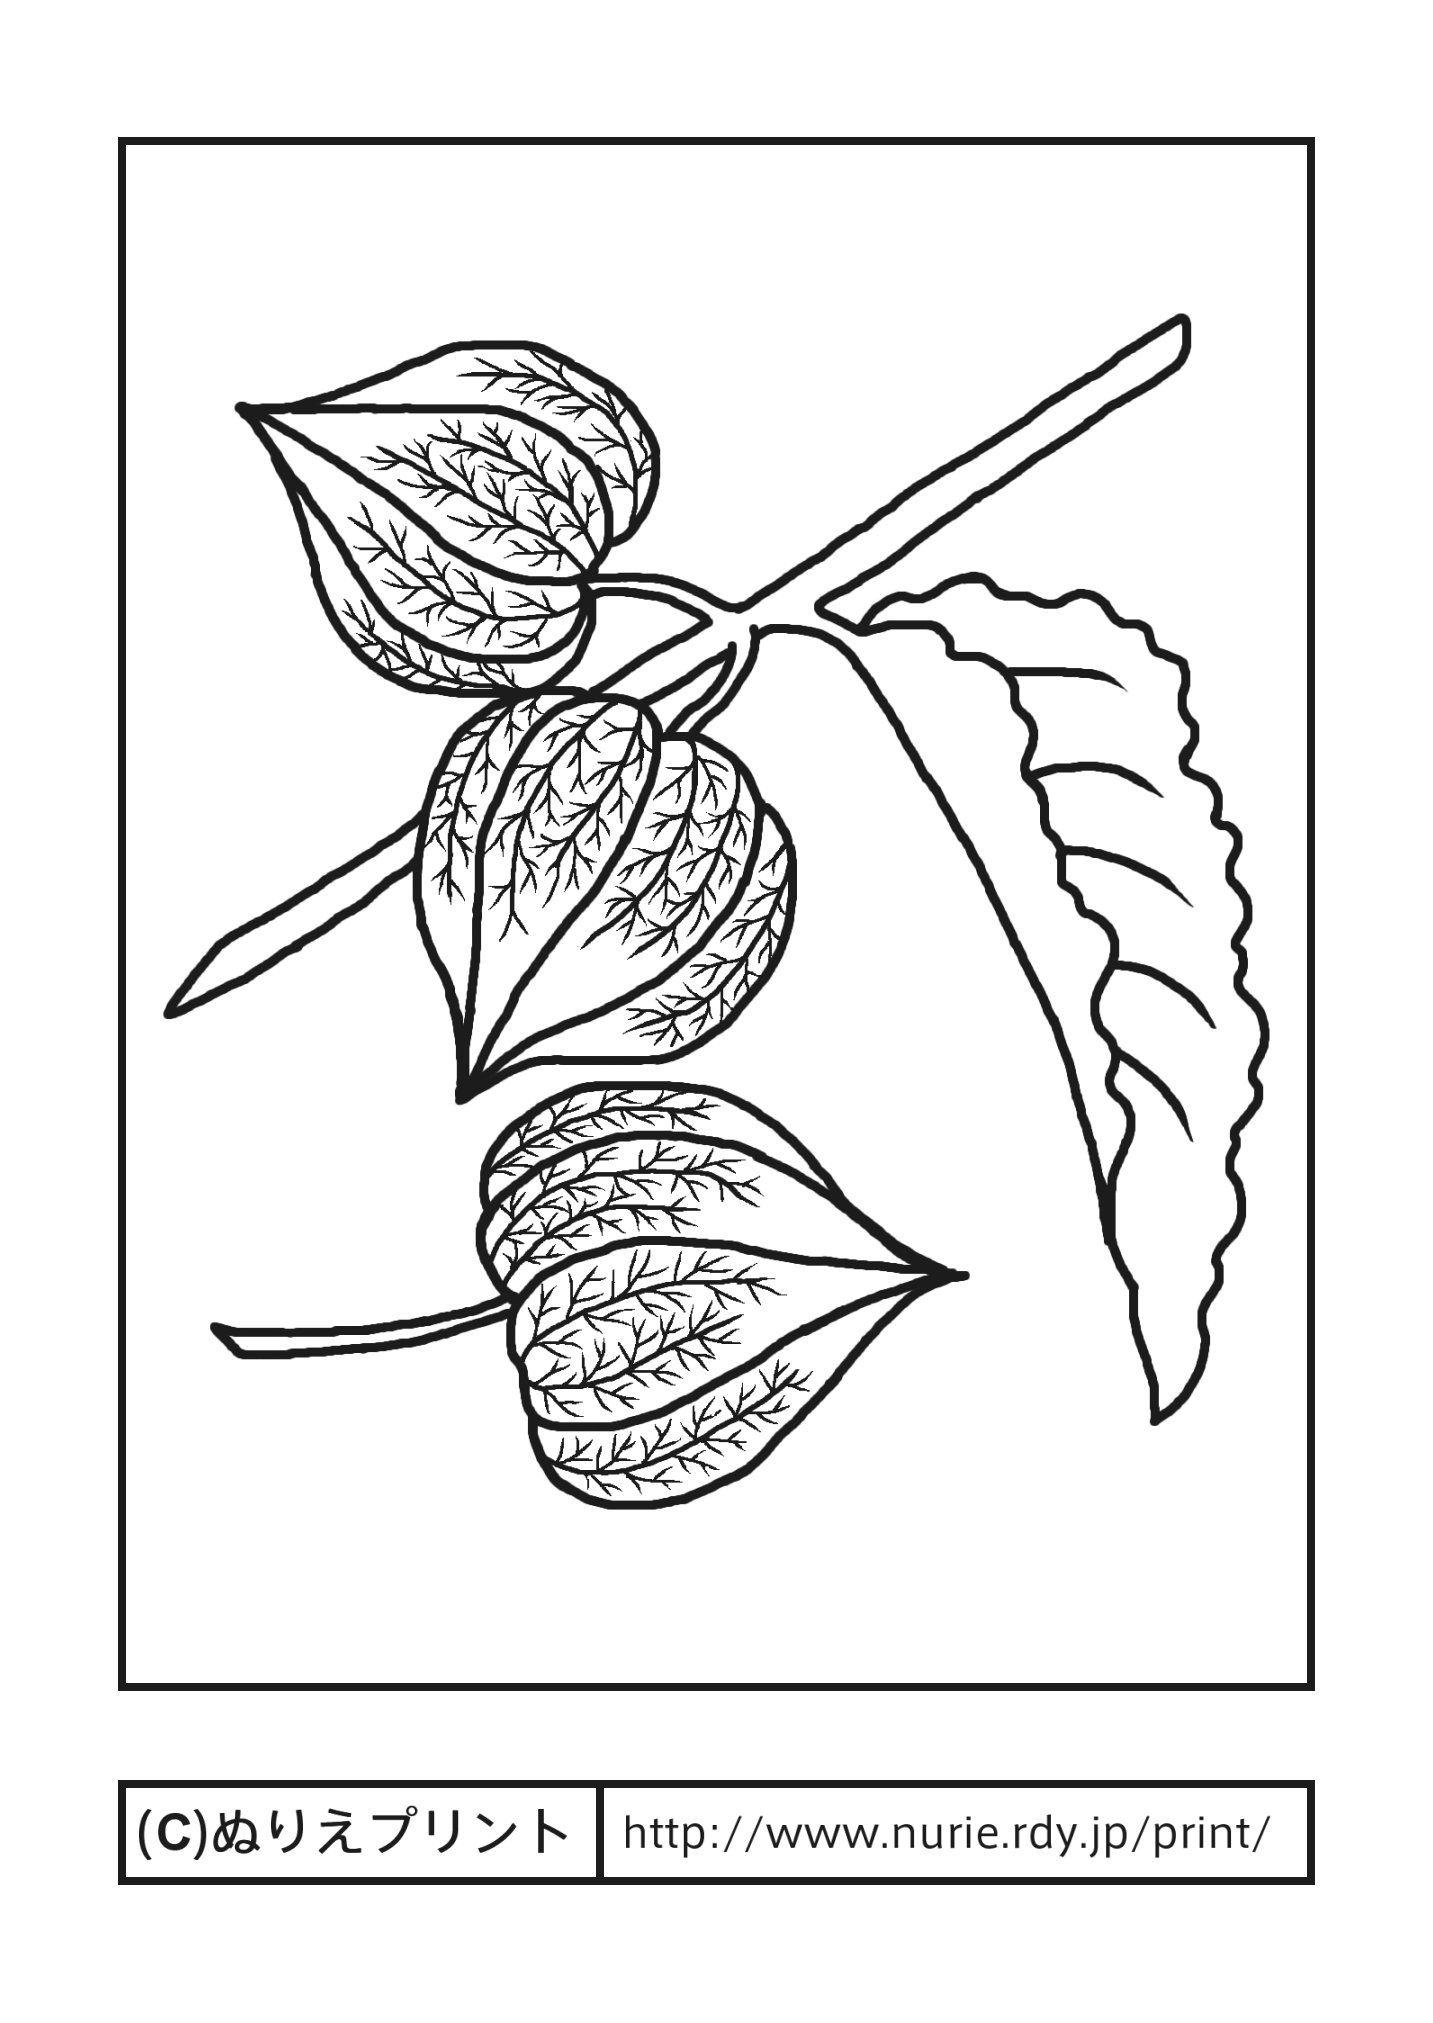 ホオズキ主線黒夏の花無料塗り絵イラストぬりえプリント A